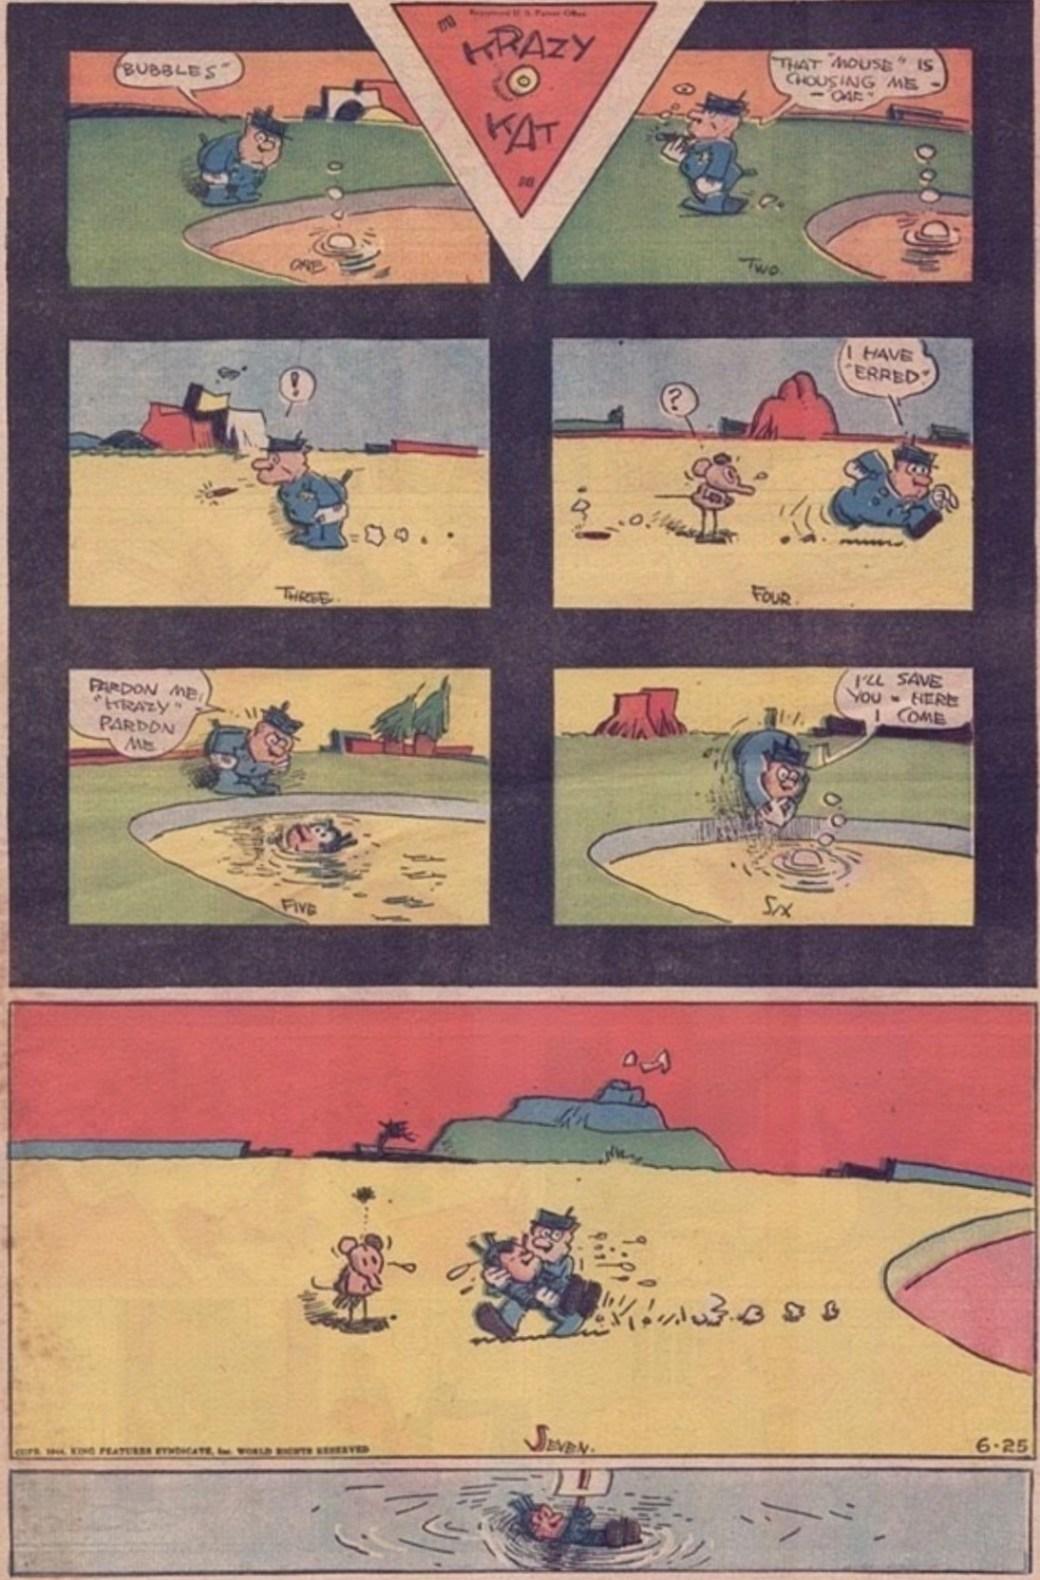 Herrimans sista söndagssida med Krazy Kat, publicerad 25 juni 1944, efter George Herrimans död